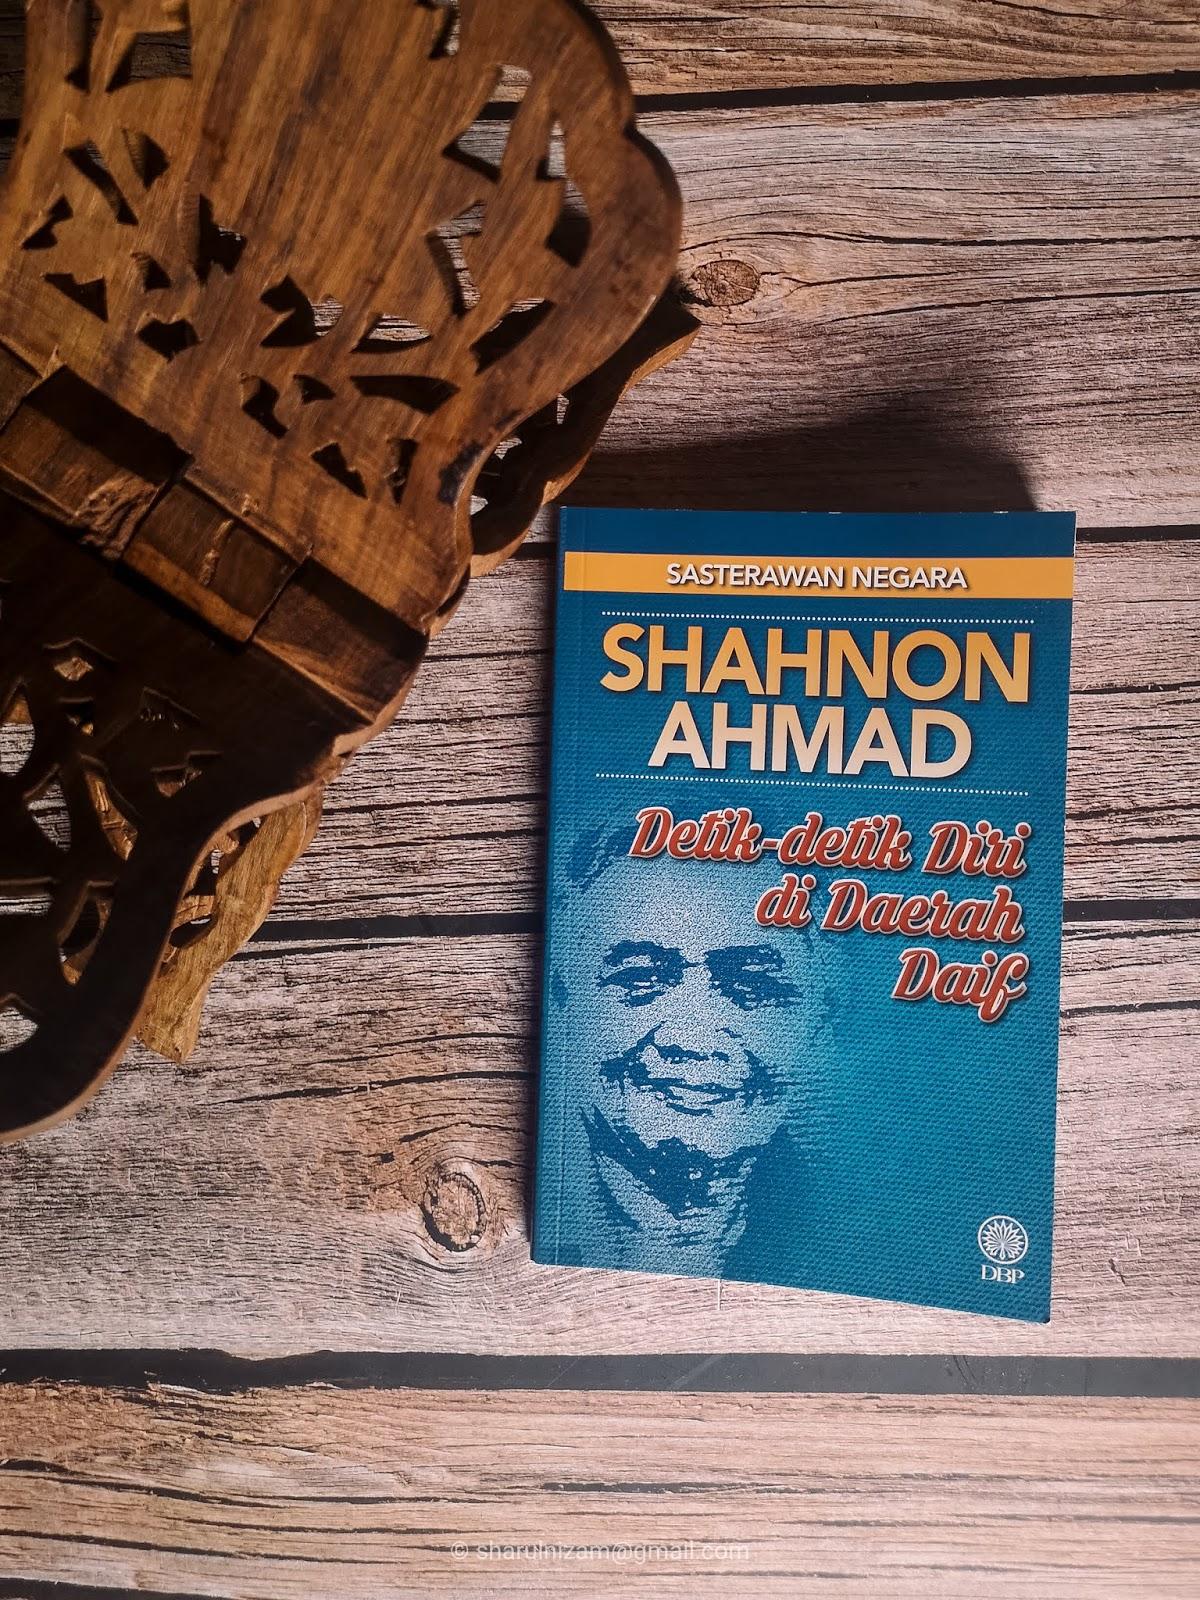 Detik-detik Diri Di Daerah Daif Oleh Shahnon Ahmad